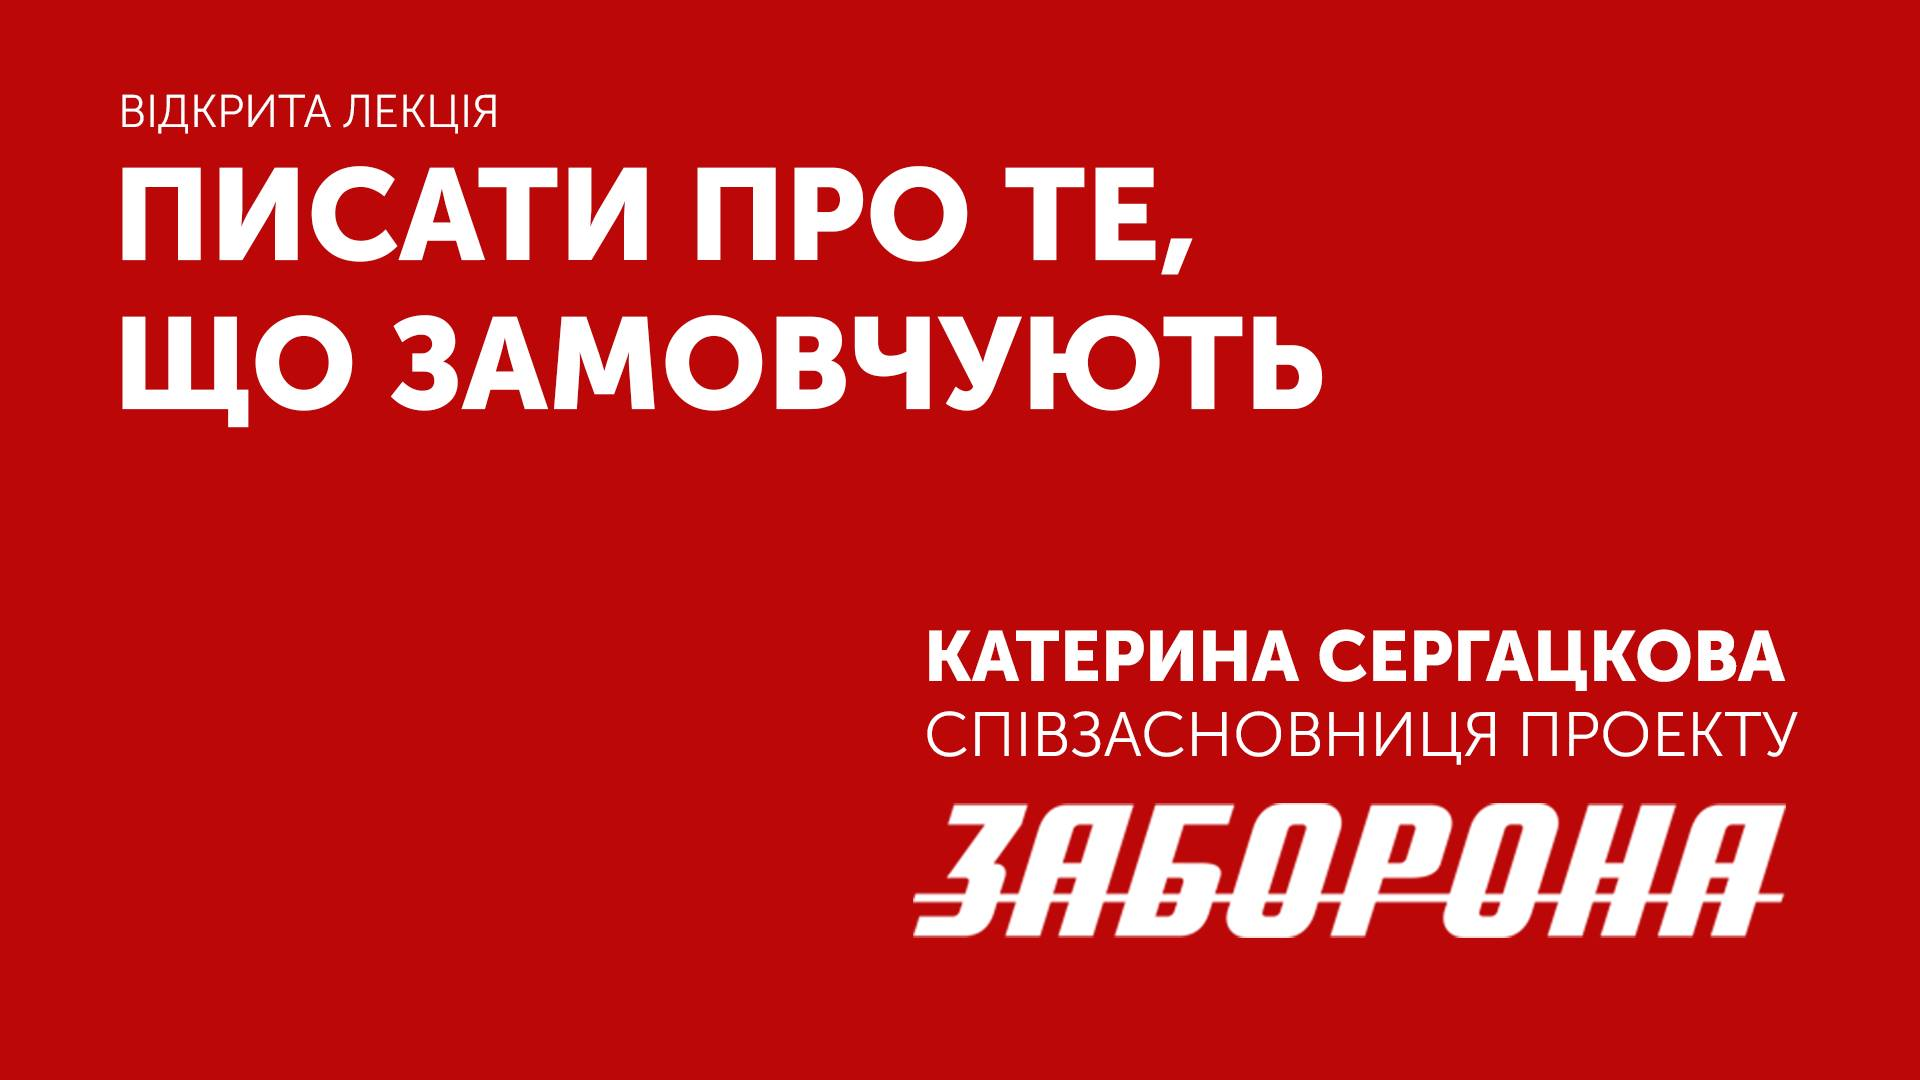 Лекція Катерини Сергацкової в Сумах